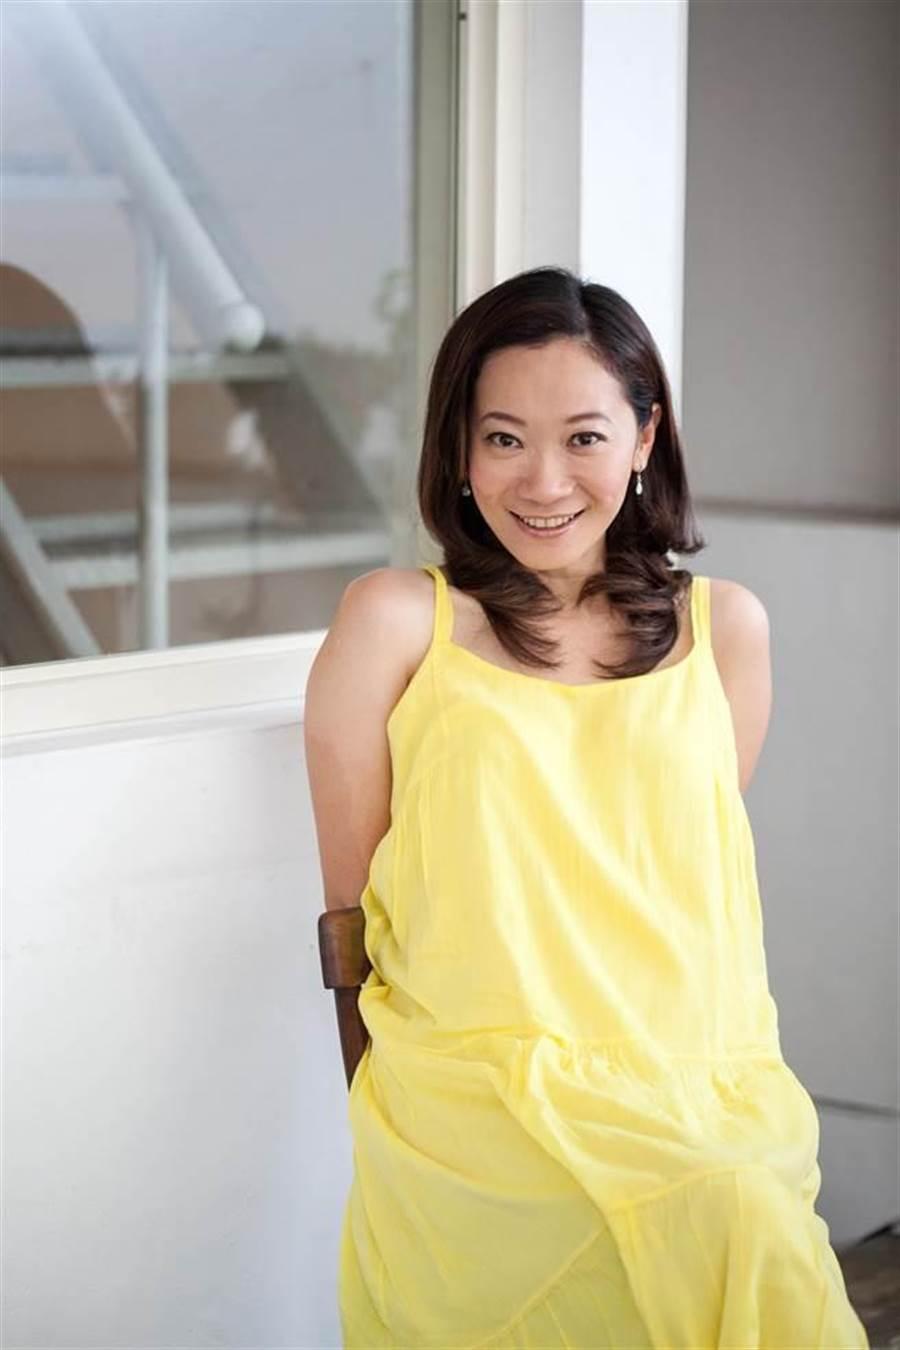 集知性與美麗的李維菁,在文壇上擁有好人緣,不少文化界好友得知消息,不勝唏噓。(鄧博仁攝)